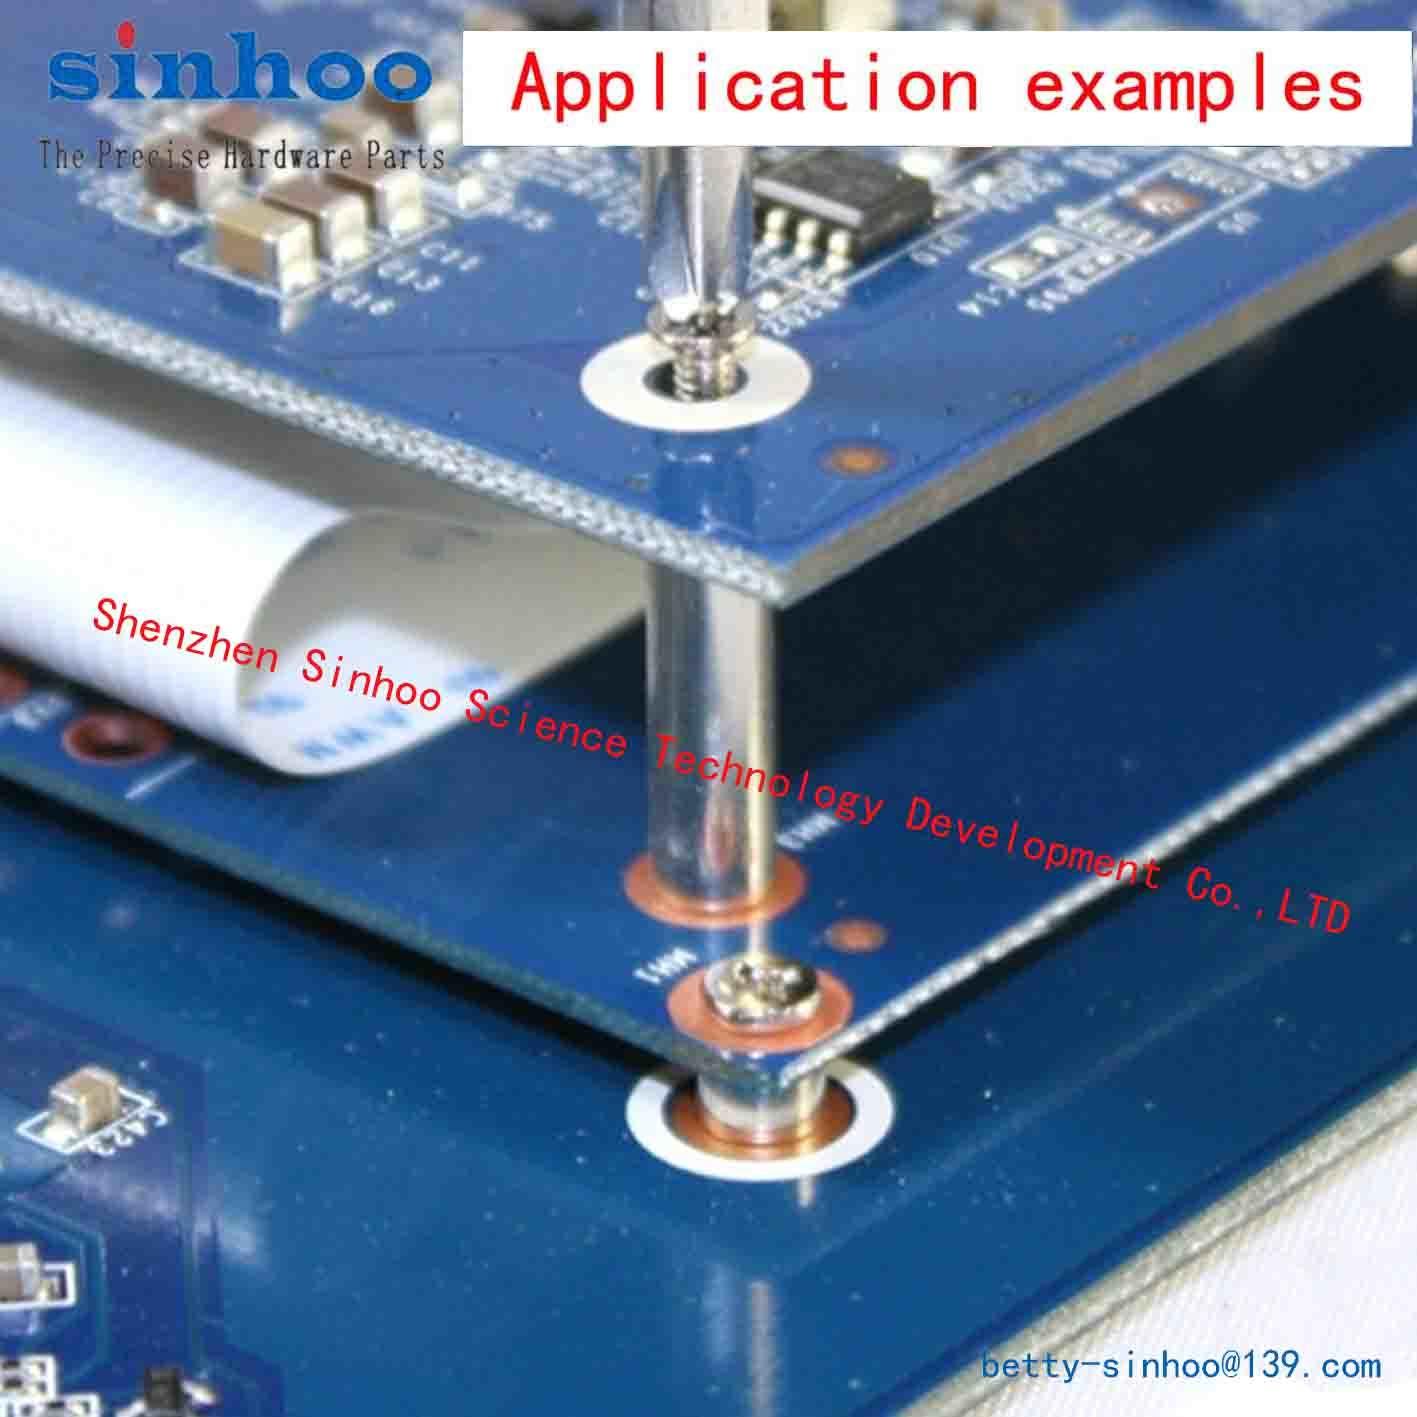 Smtso-M2-8et, SMD Nut, Surface Mount Fasteners SMT Standoff, SMT Spacer, Bulk Stock